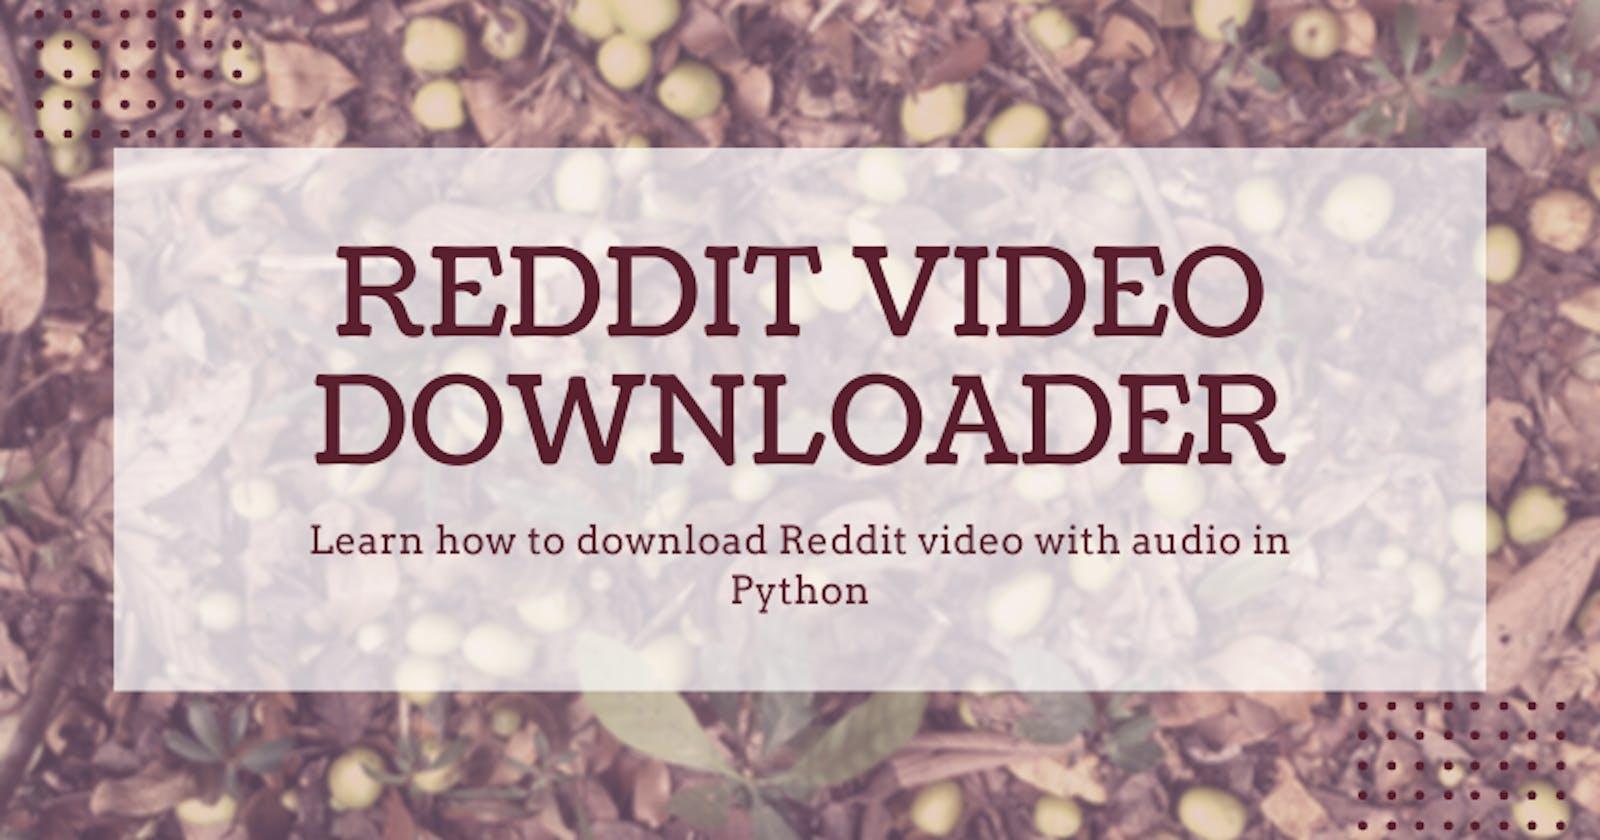 Build a Reddit Video downloader with Python